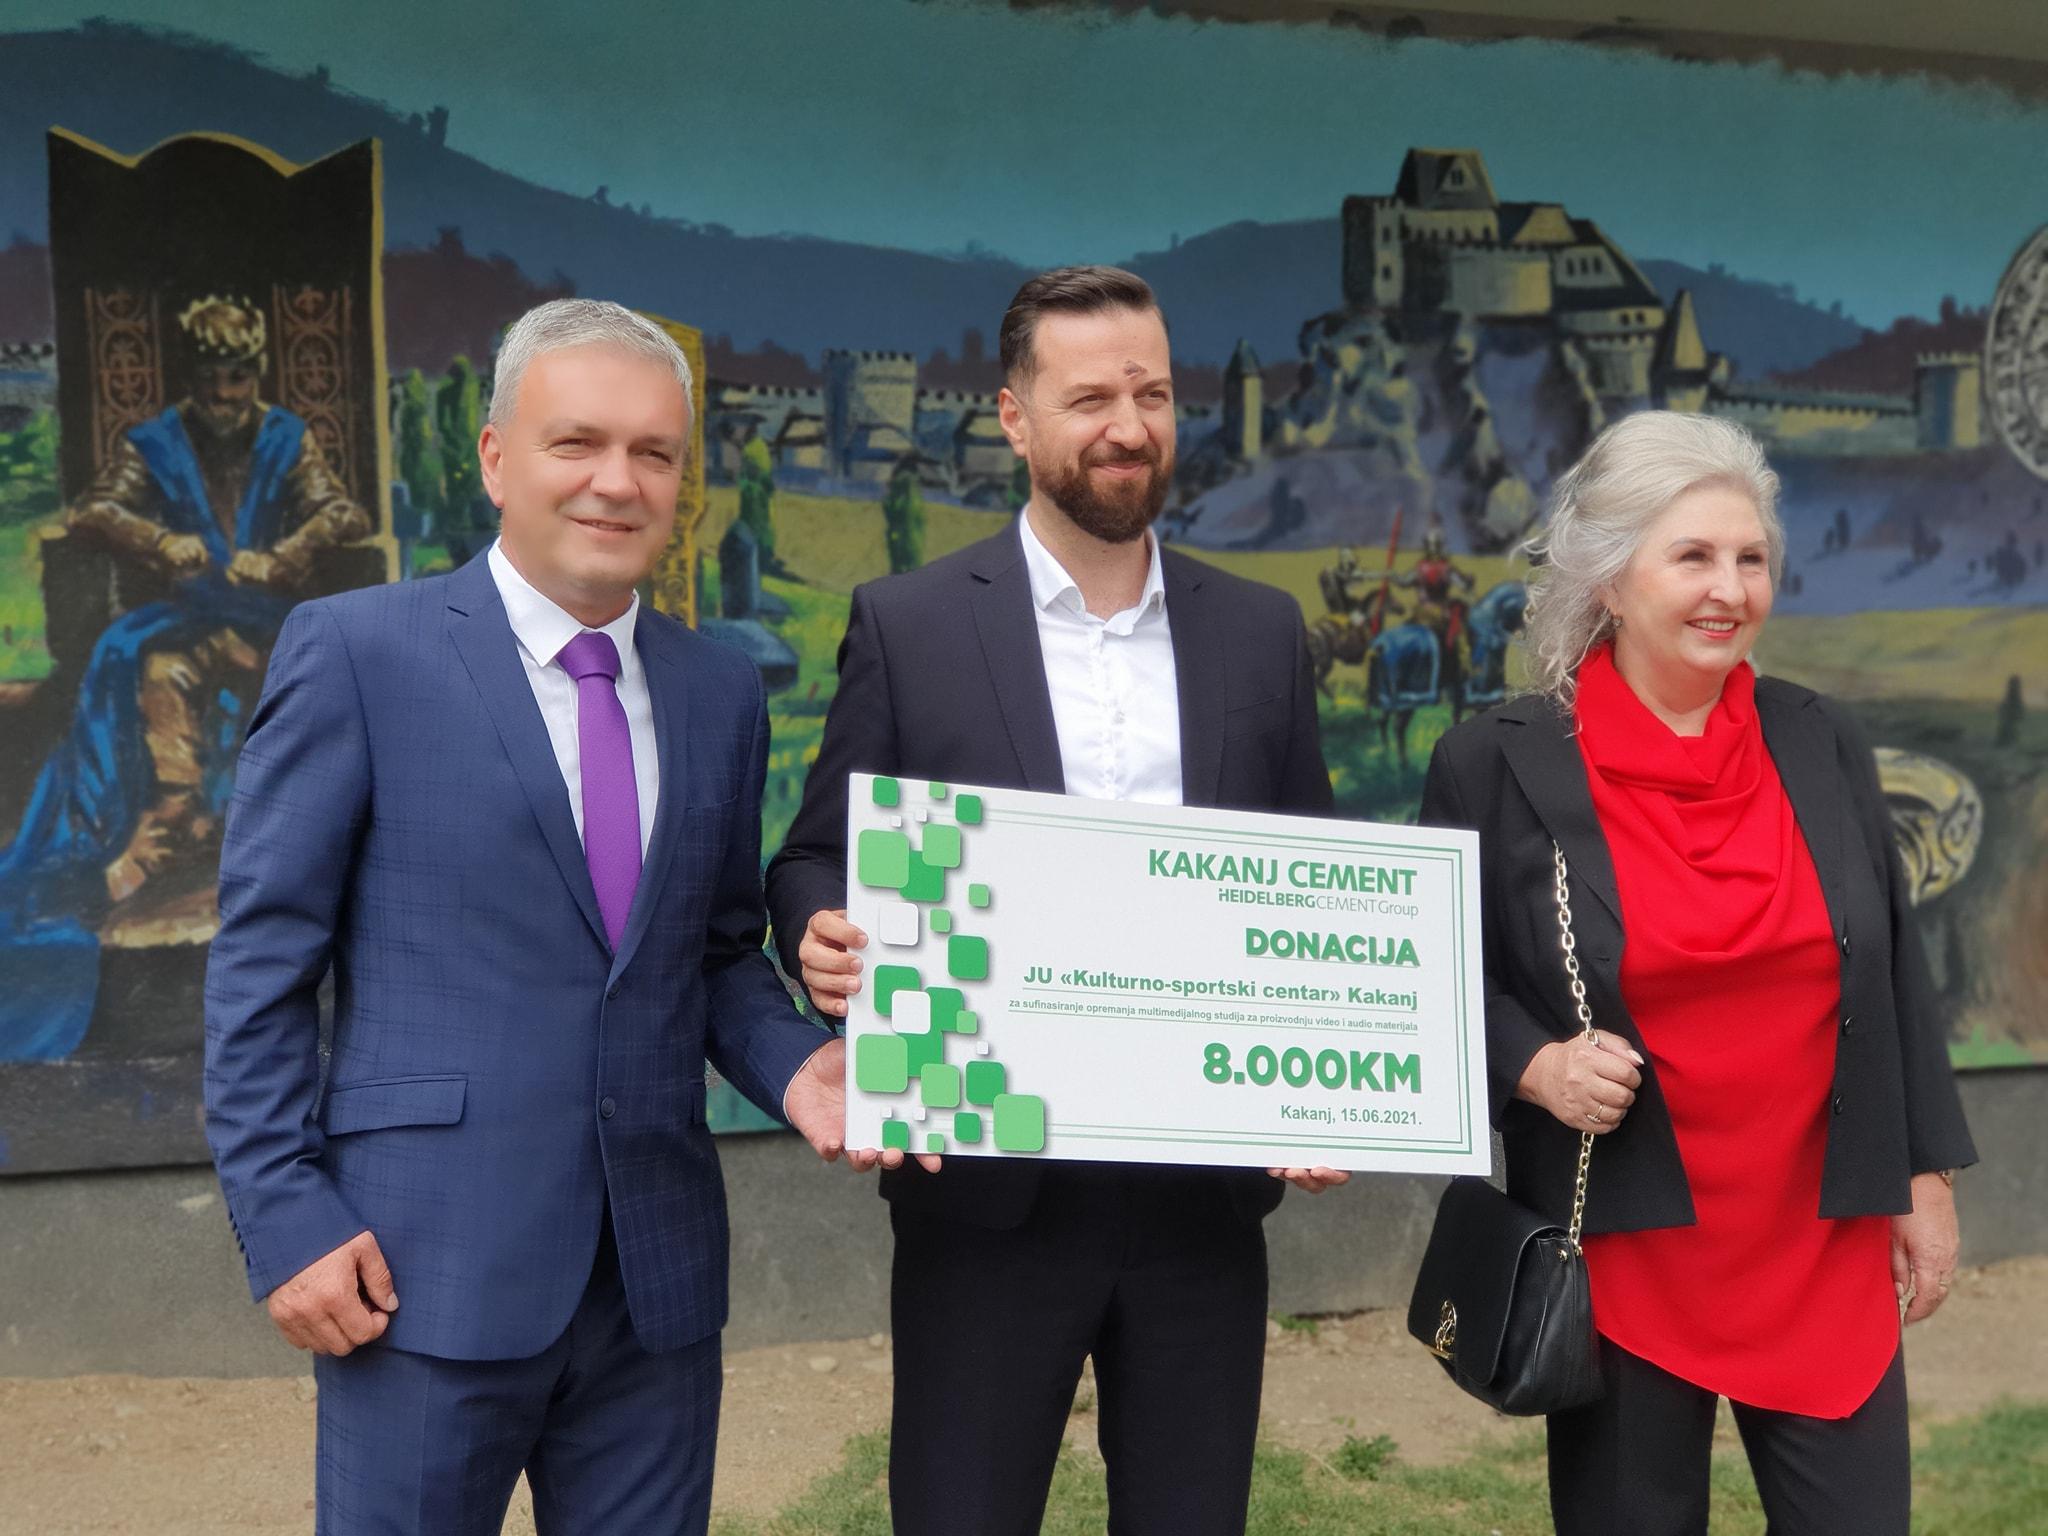 Tvornica cementa Kakanj donirala 8.000 KM za realizaciju projekta